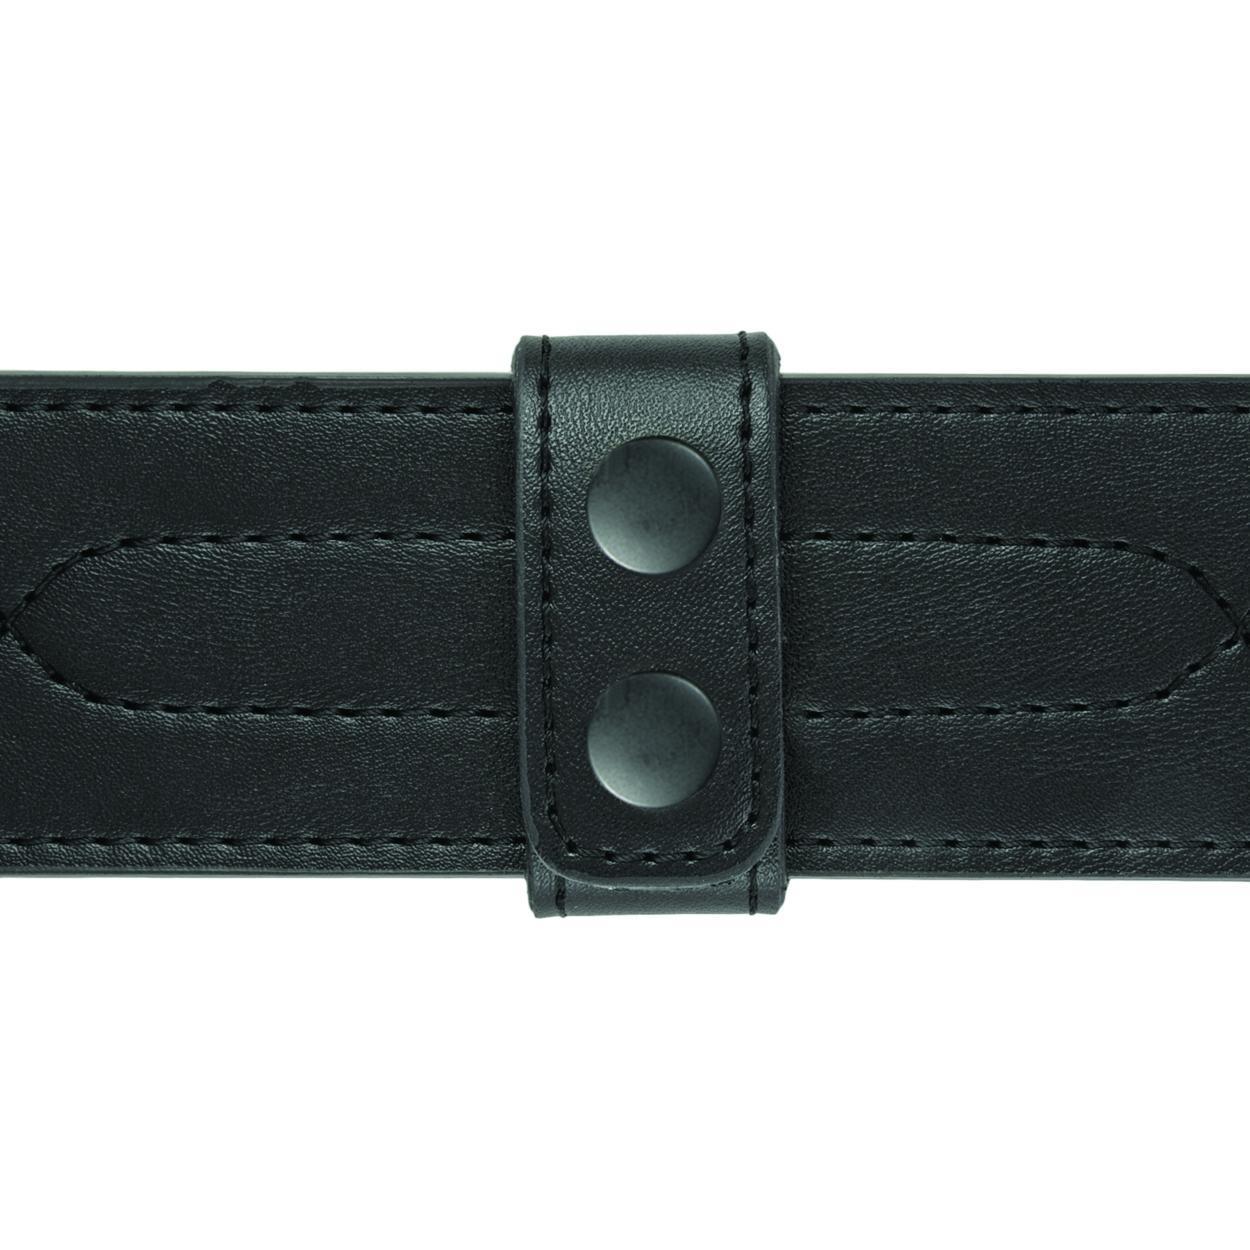 """Belt Keepers, 2 1/4"""" Belt, 2 Pack, Deluxe, AirTek, Smooth, Black Snaps"""